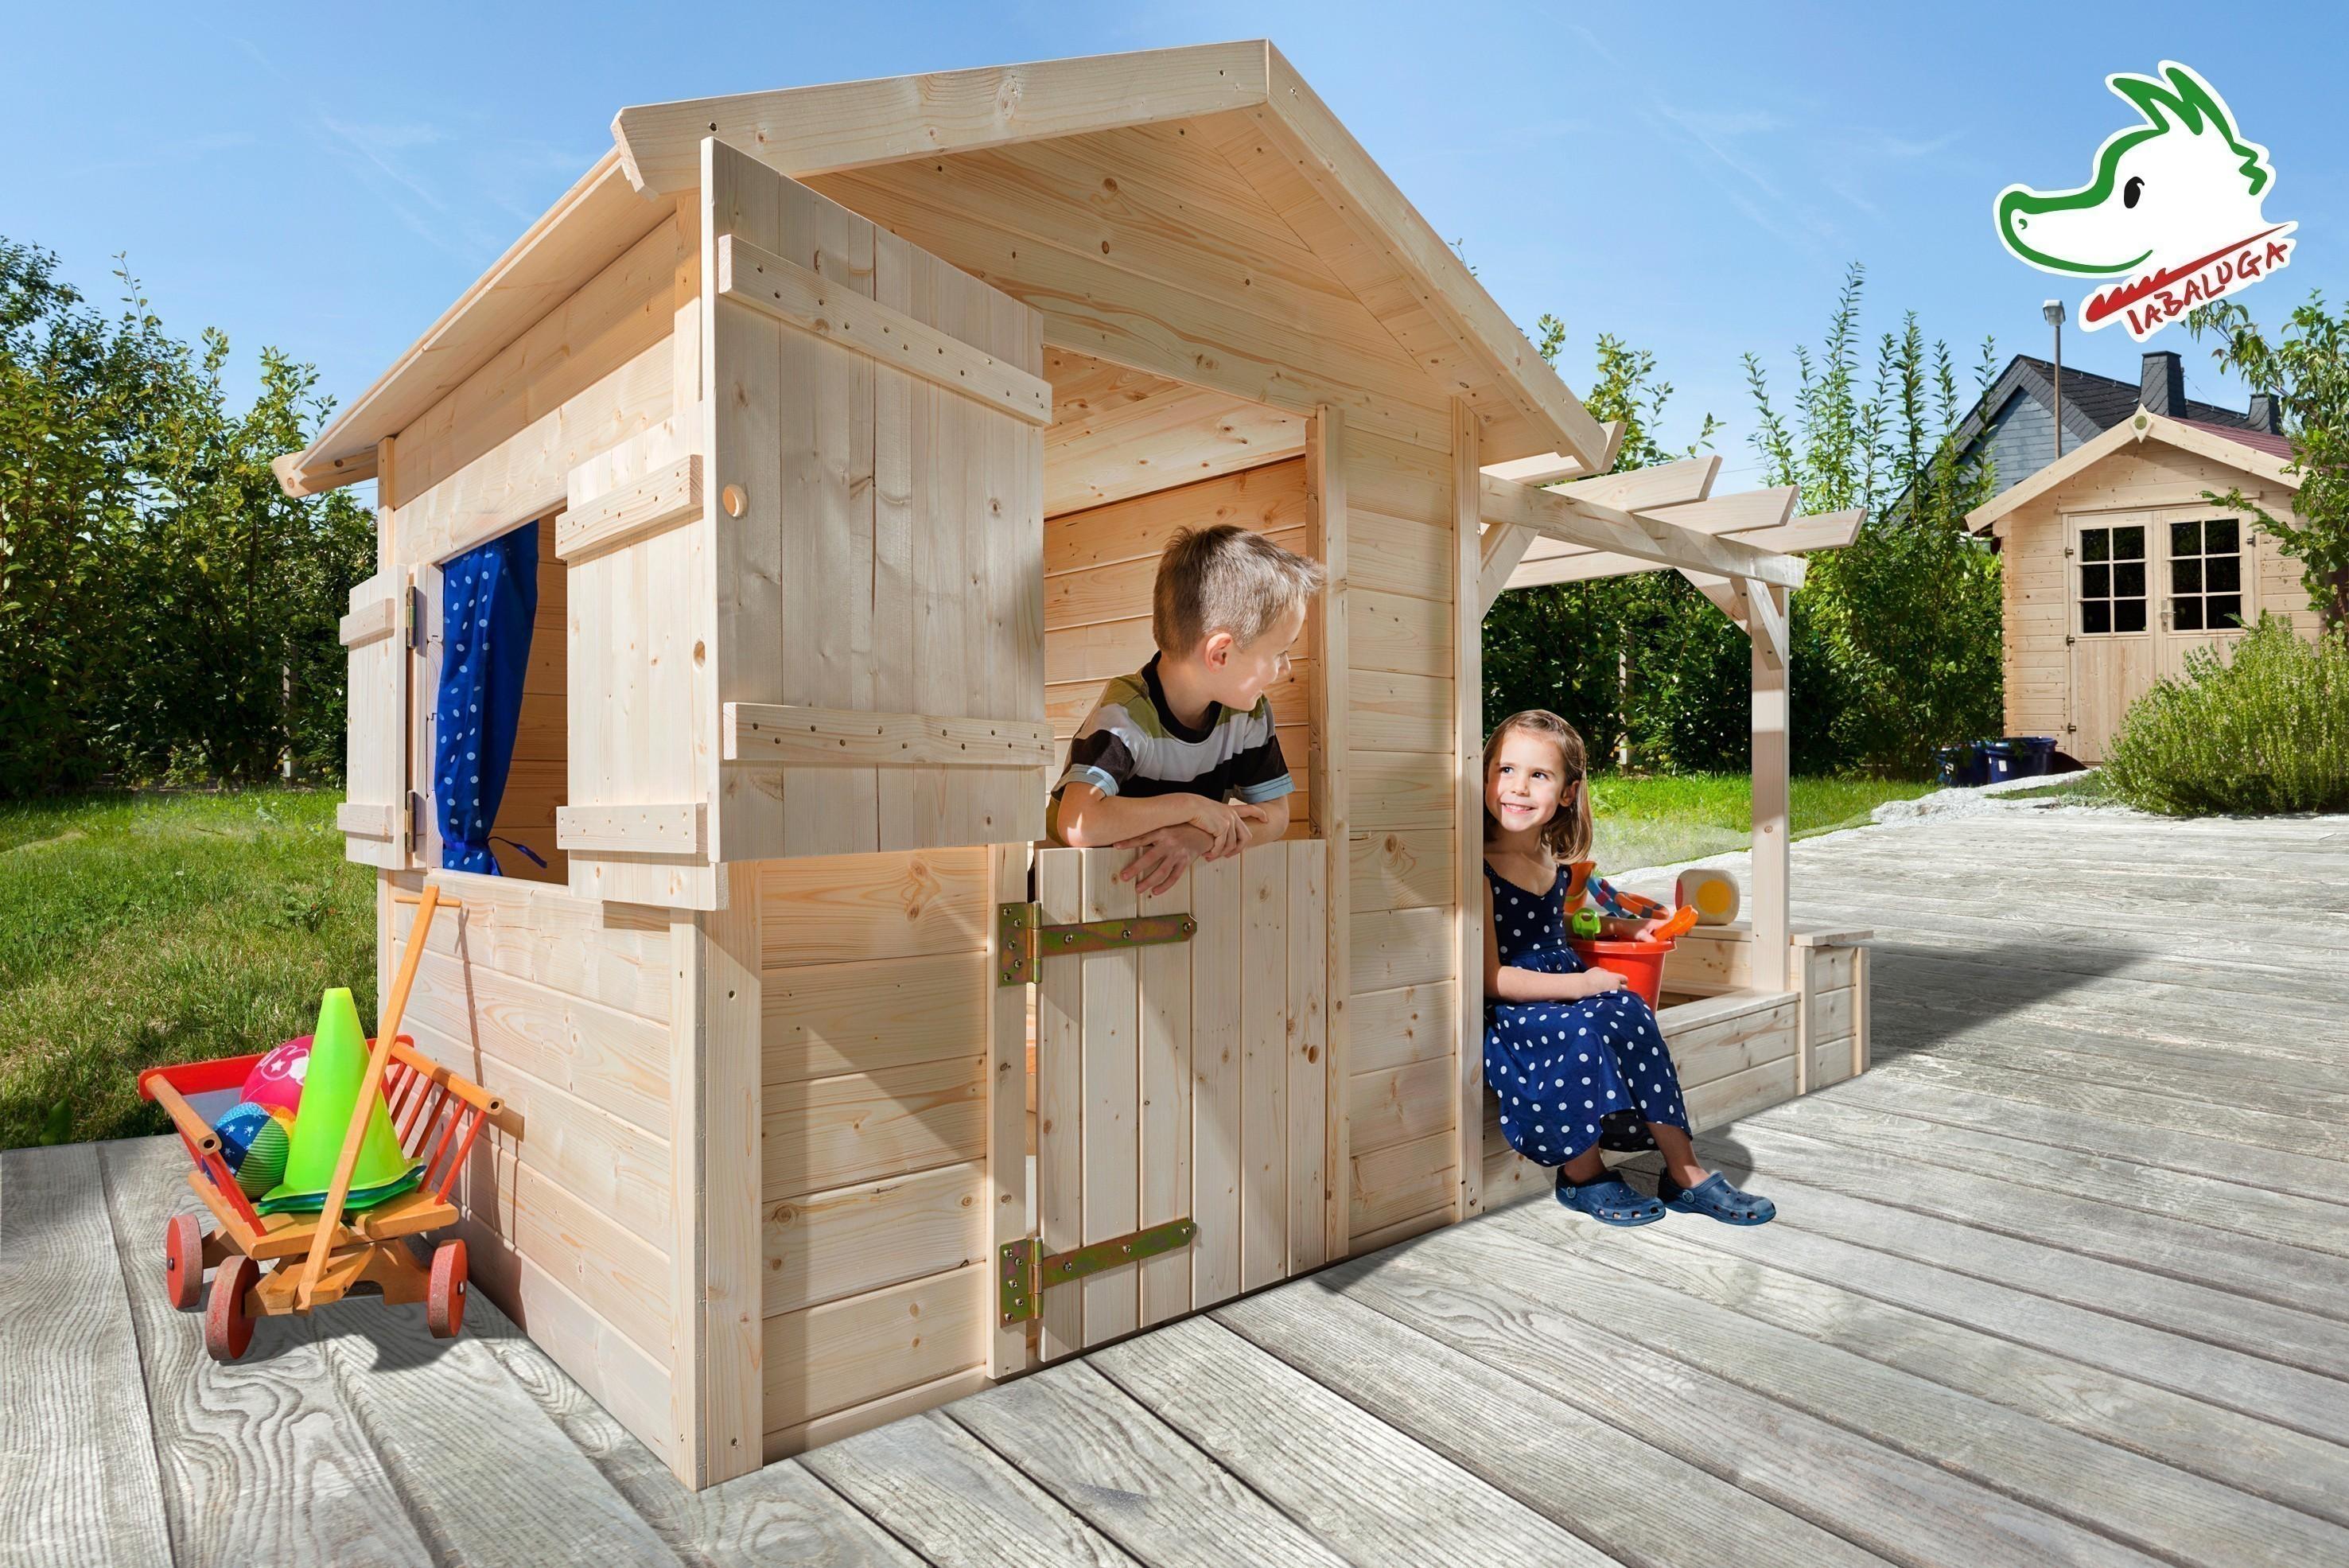 kinderspielhaus tabaluga spielplatz mit sandkasten pergola 286x153cm bei. Black Bedroom Furniture Sets. Home Design Ideas